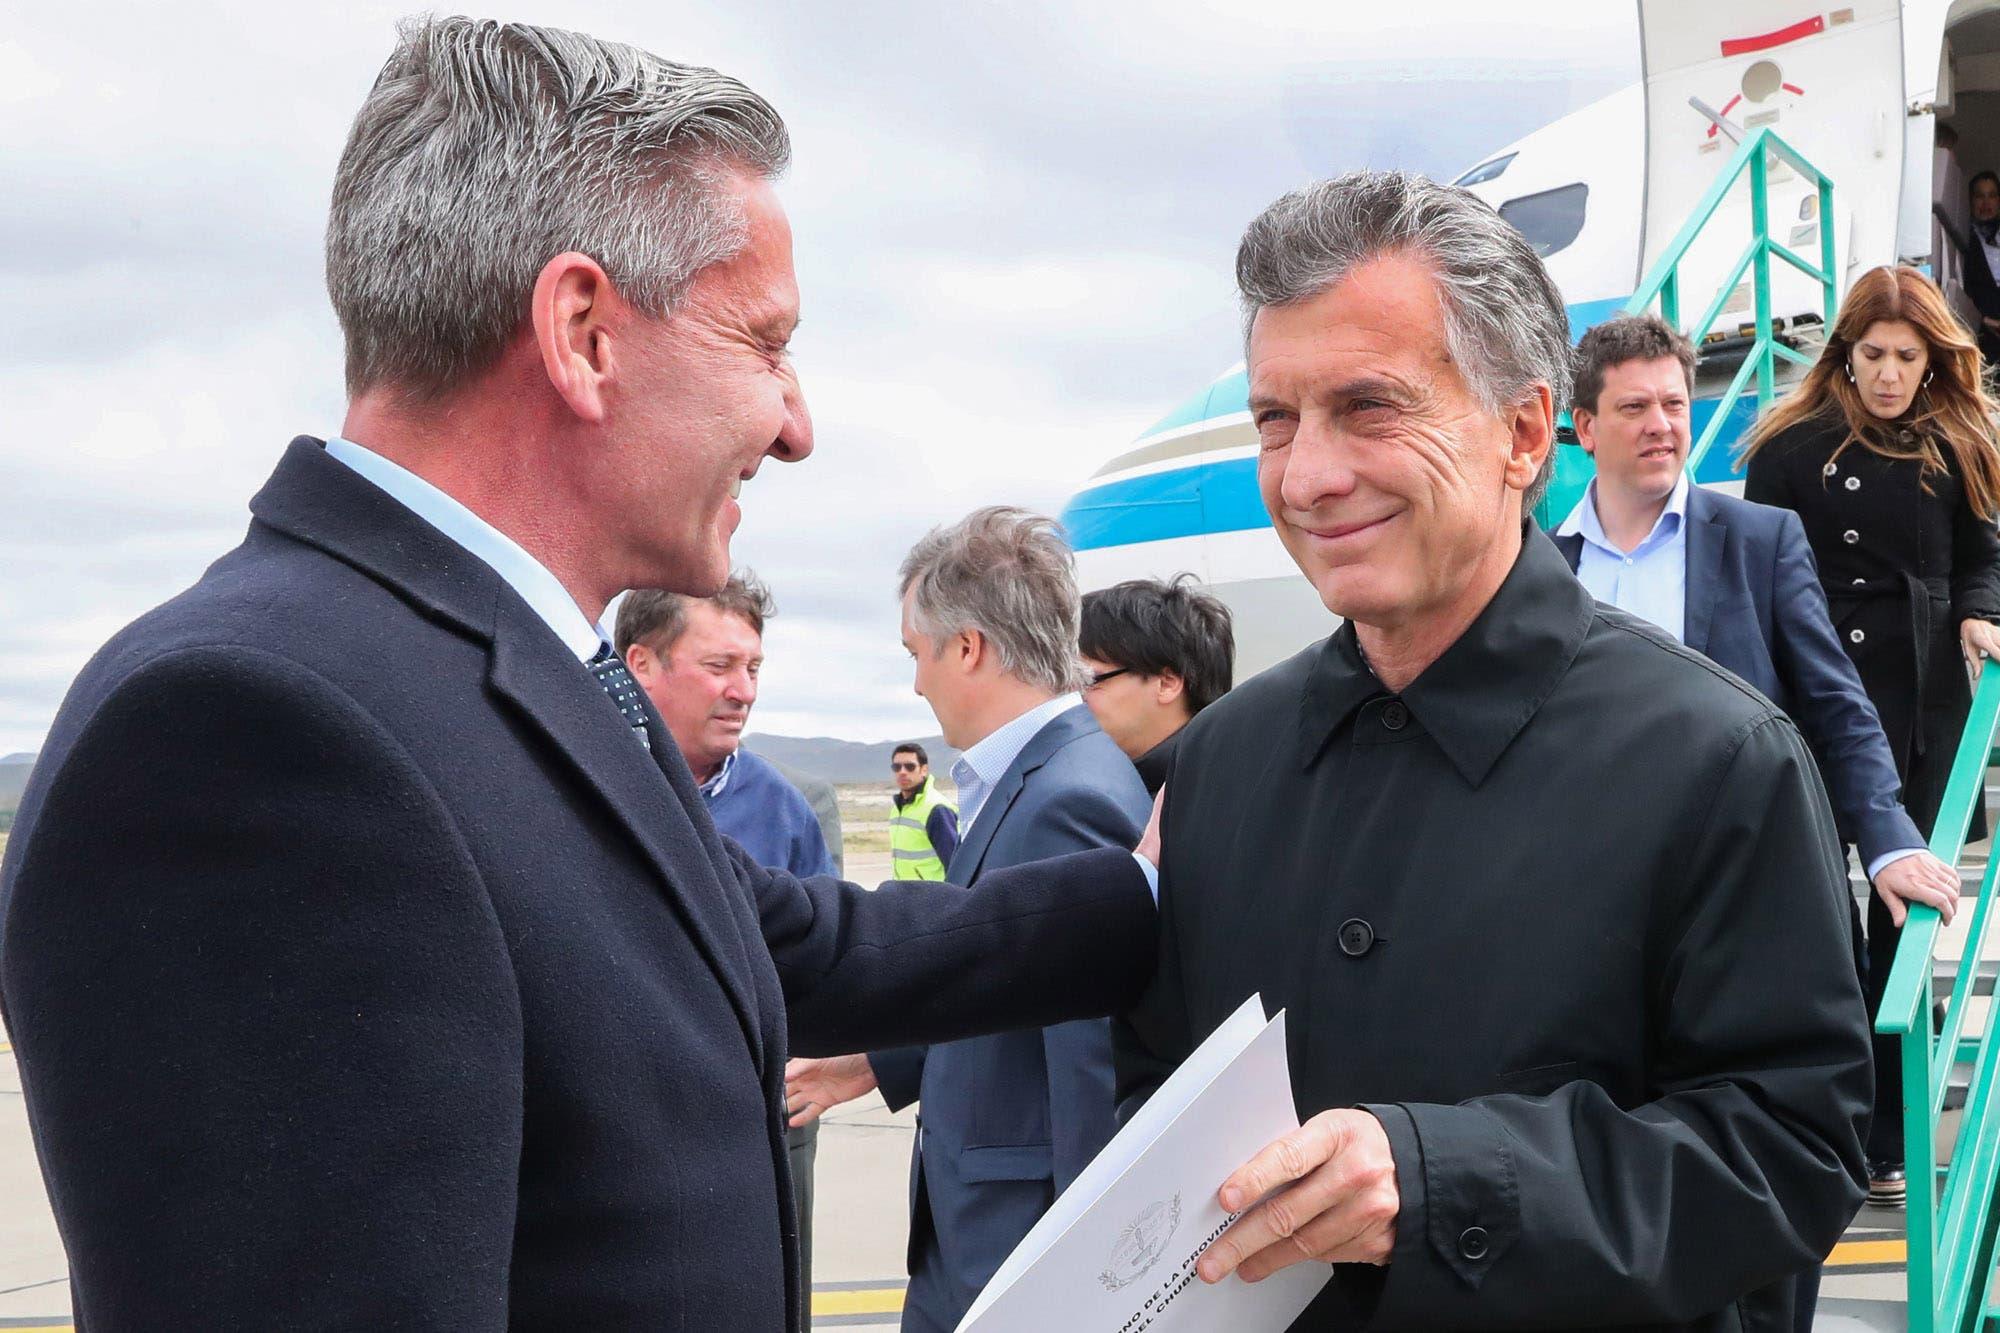 """Macri, en plena disputa con Moyano: """"Nadie se puede creer por arriba de la ley o prepotear a los demás"""""""